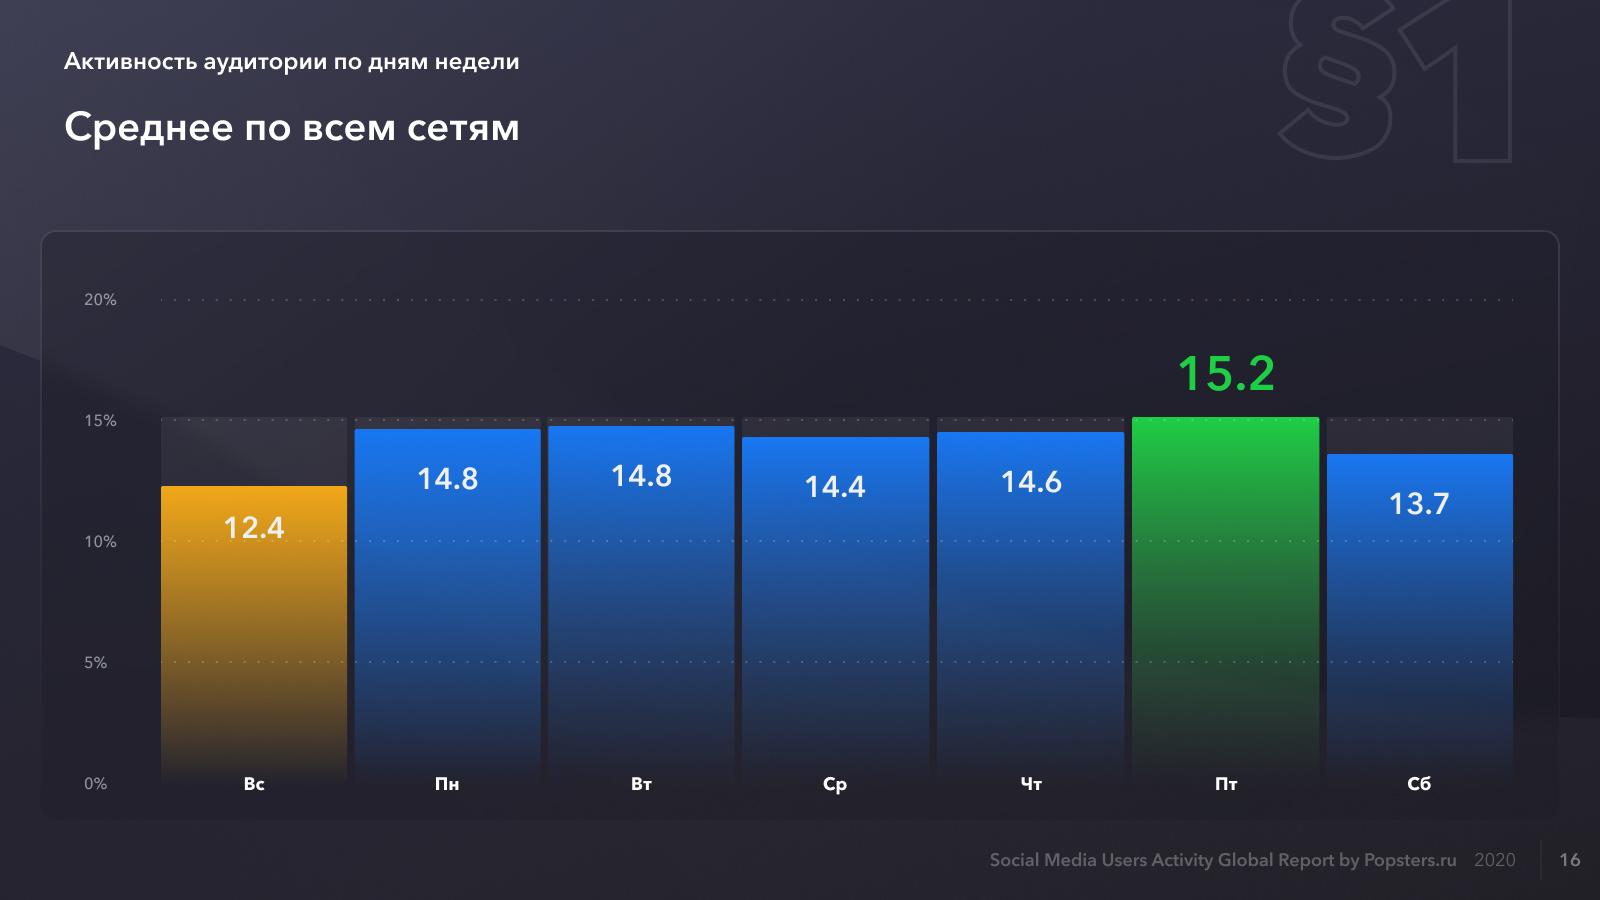 Средняя относительная активность по дням недели для всех социальных сетей в 2020